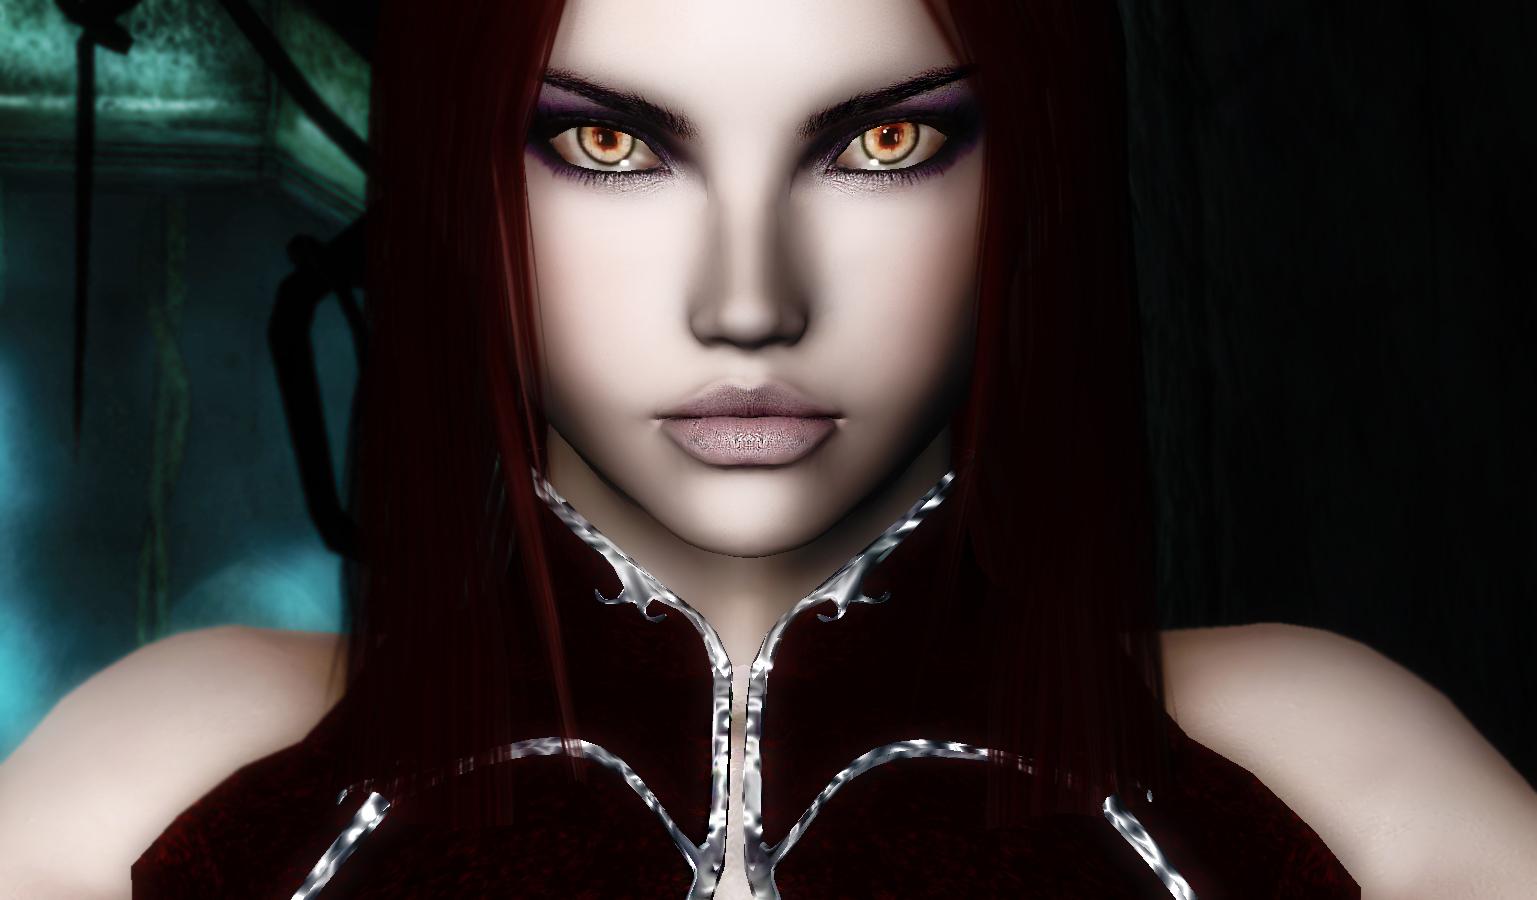 Прически для вампиров в скайрим